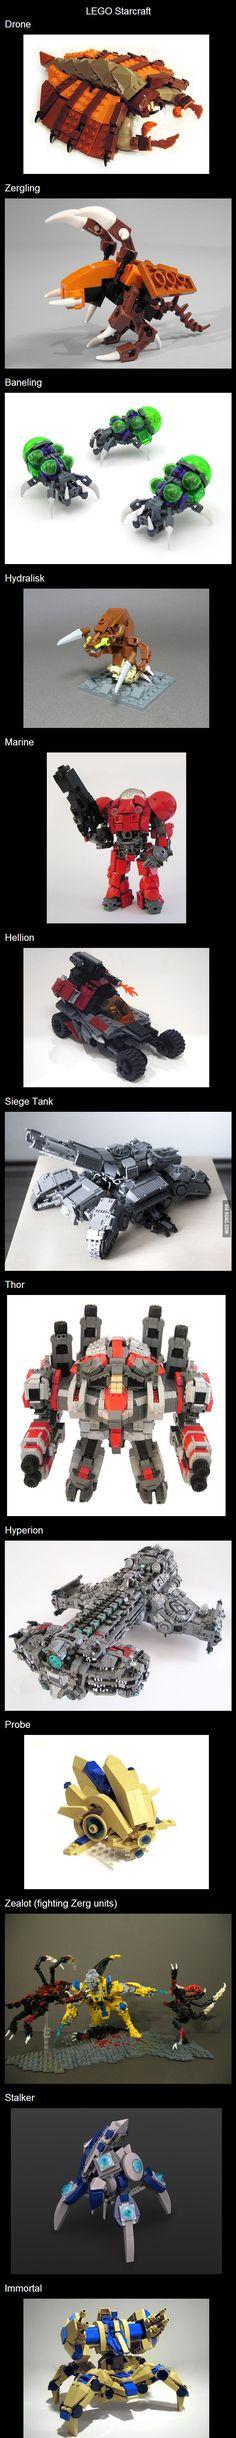 Best Inventions: LEGO Starcraft